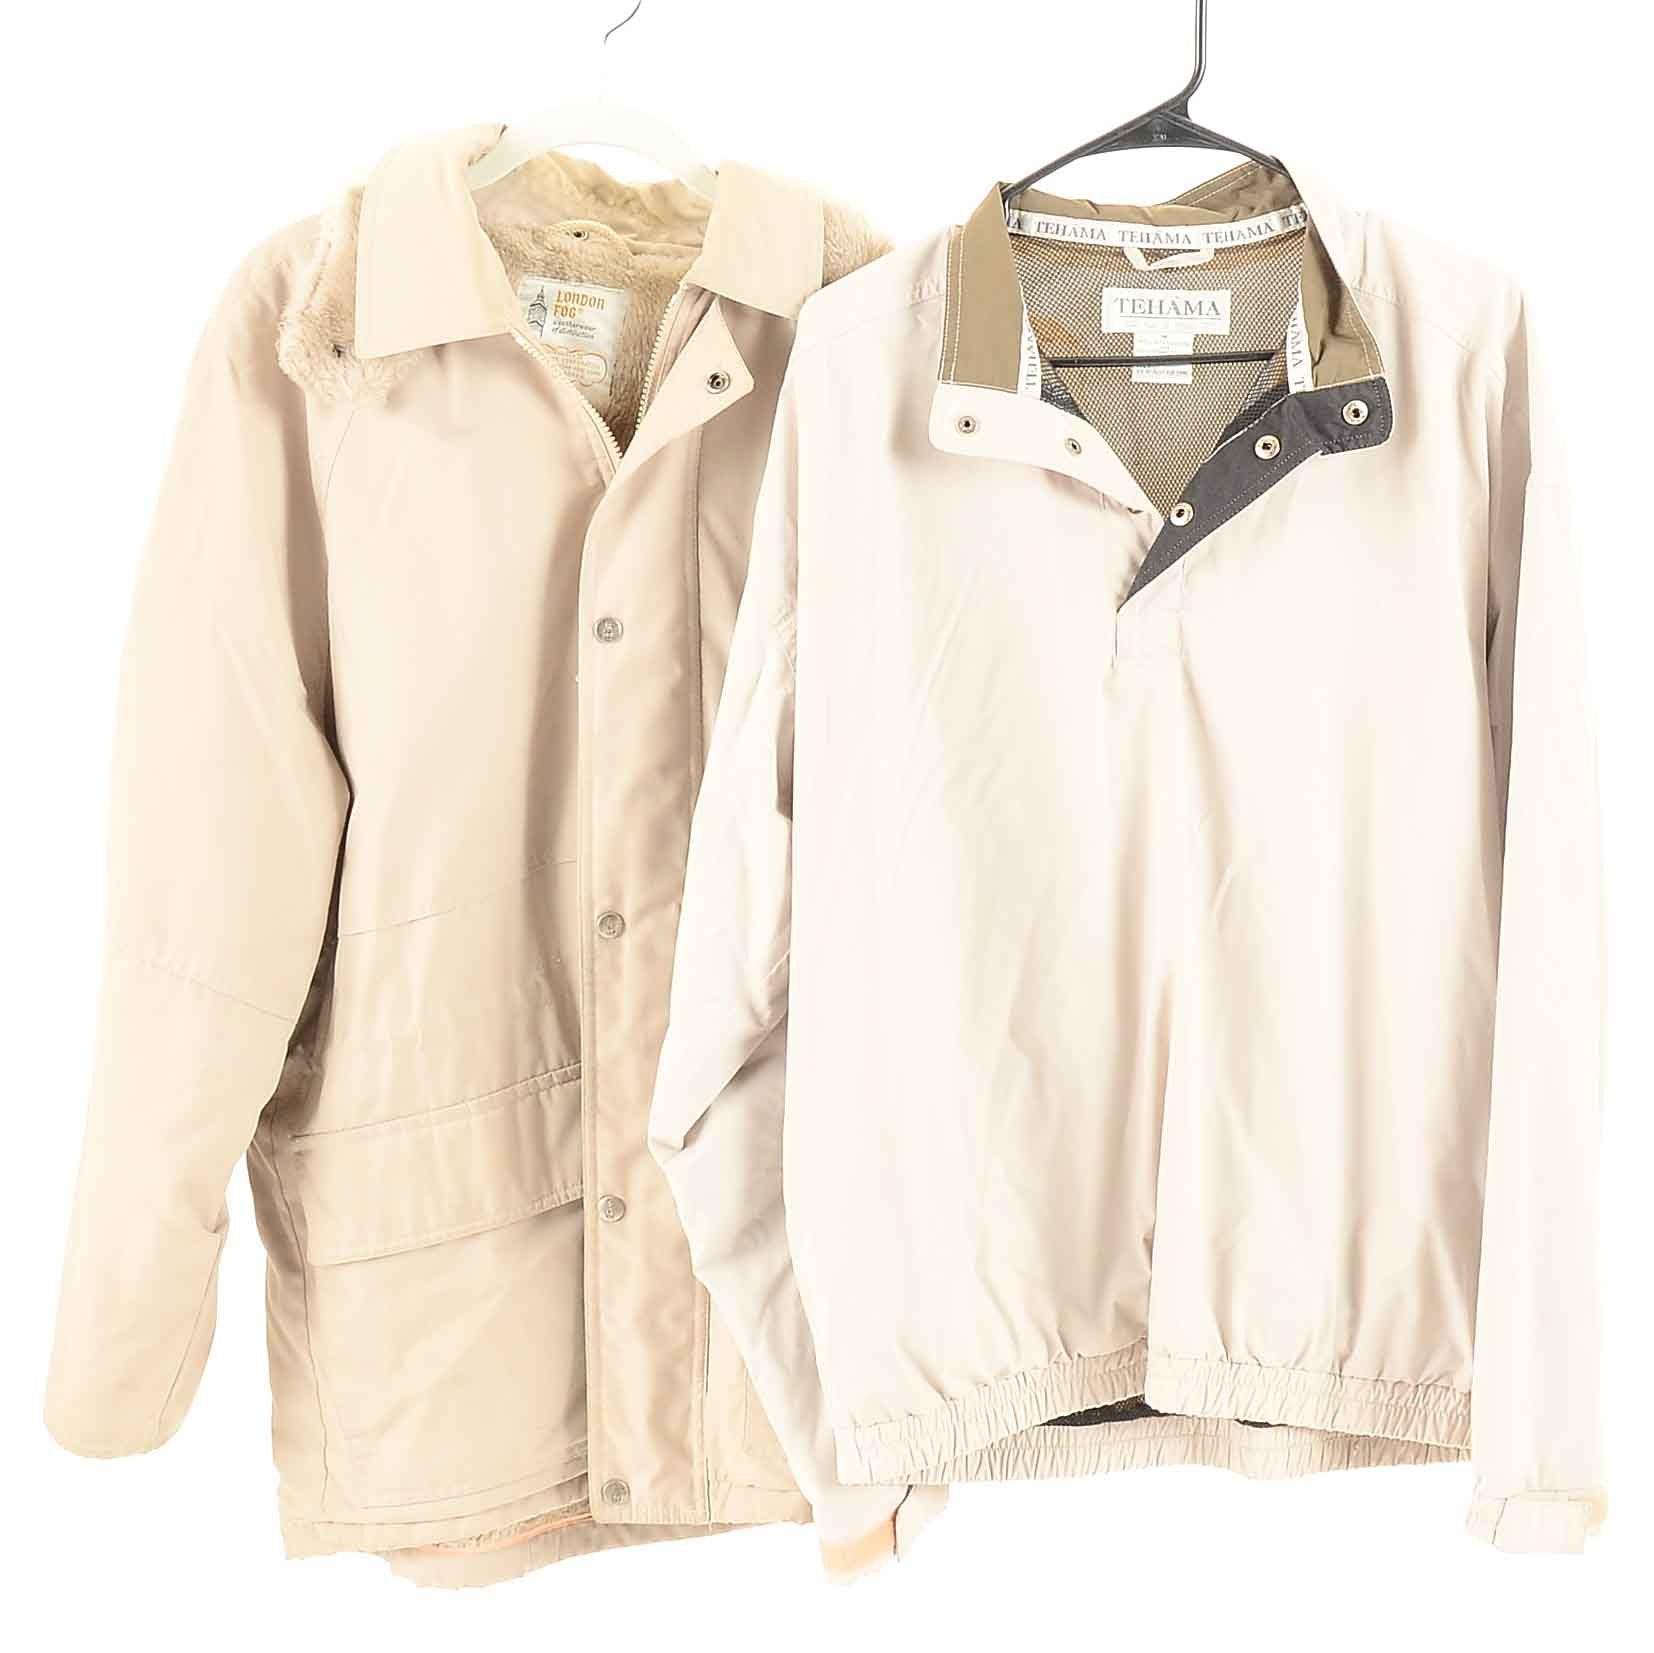 Men's Jackets including London Fog